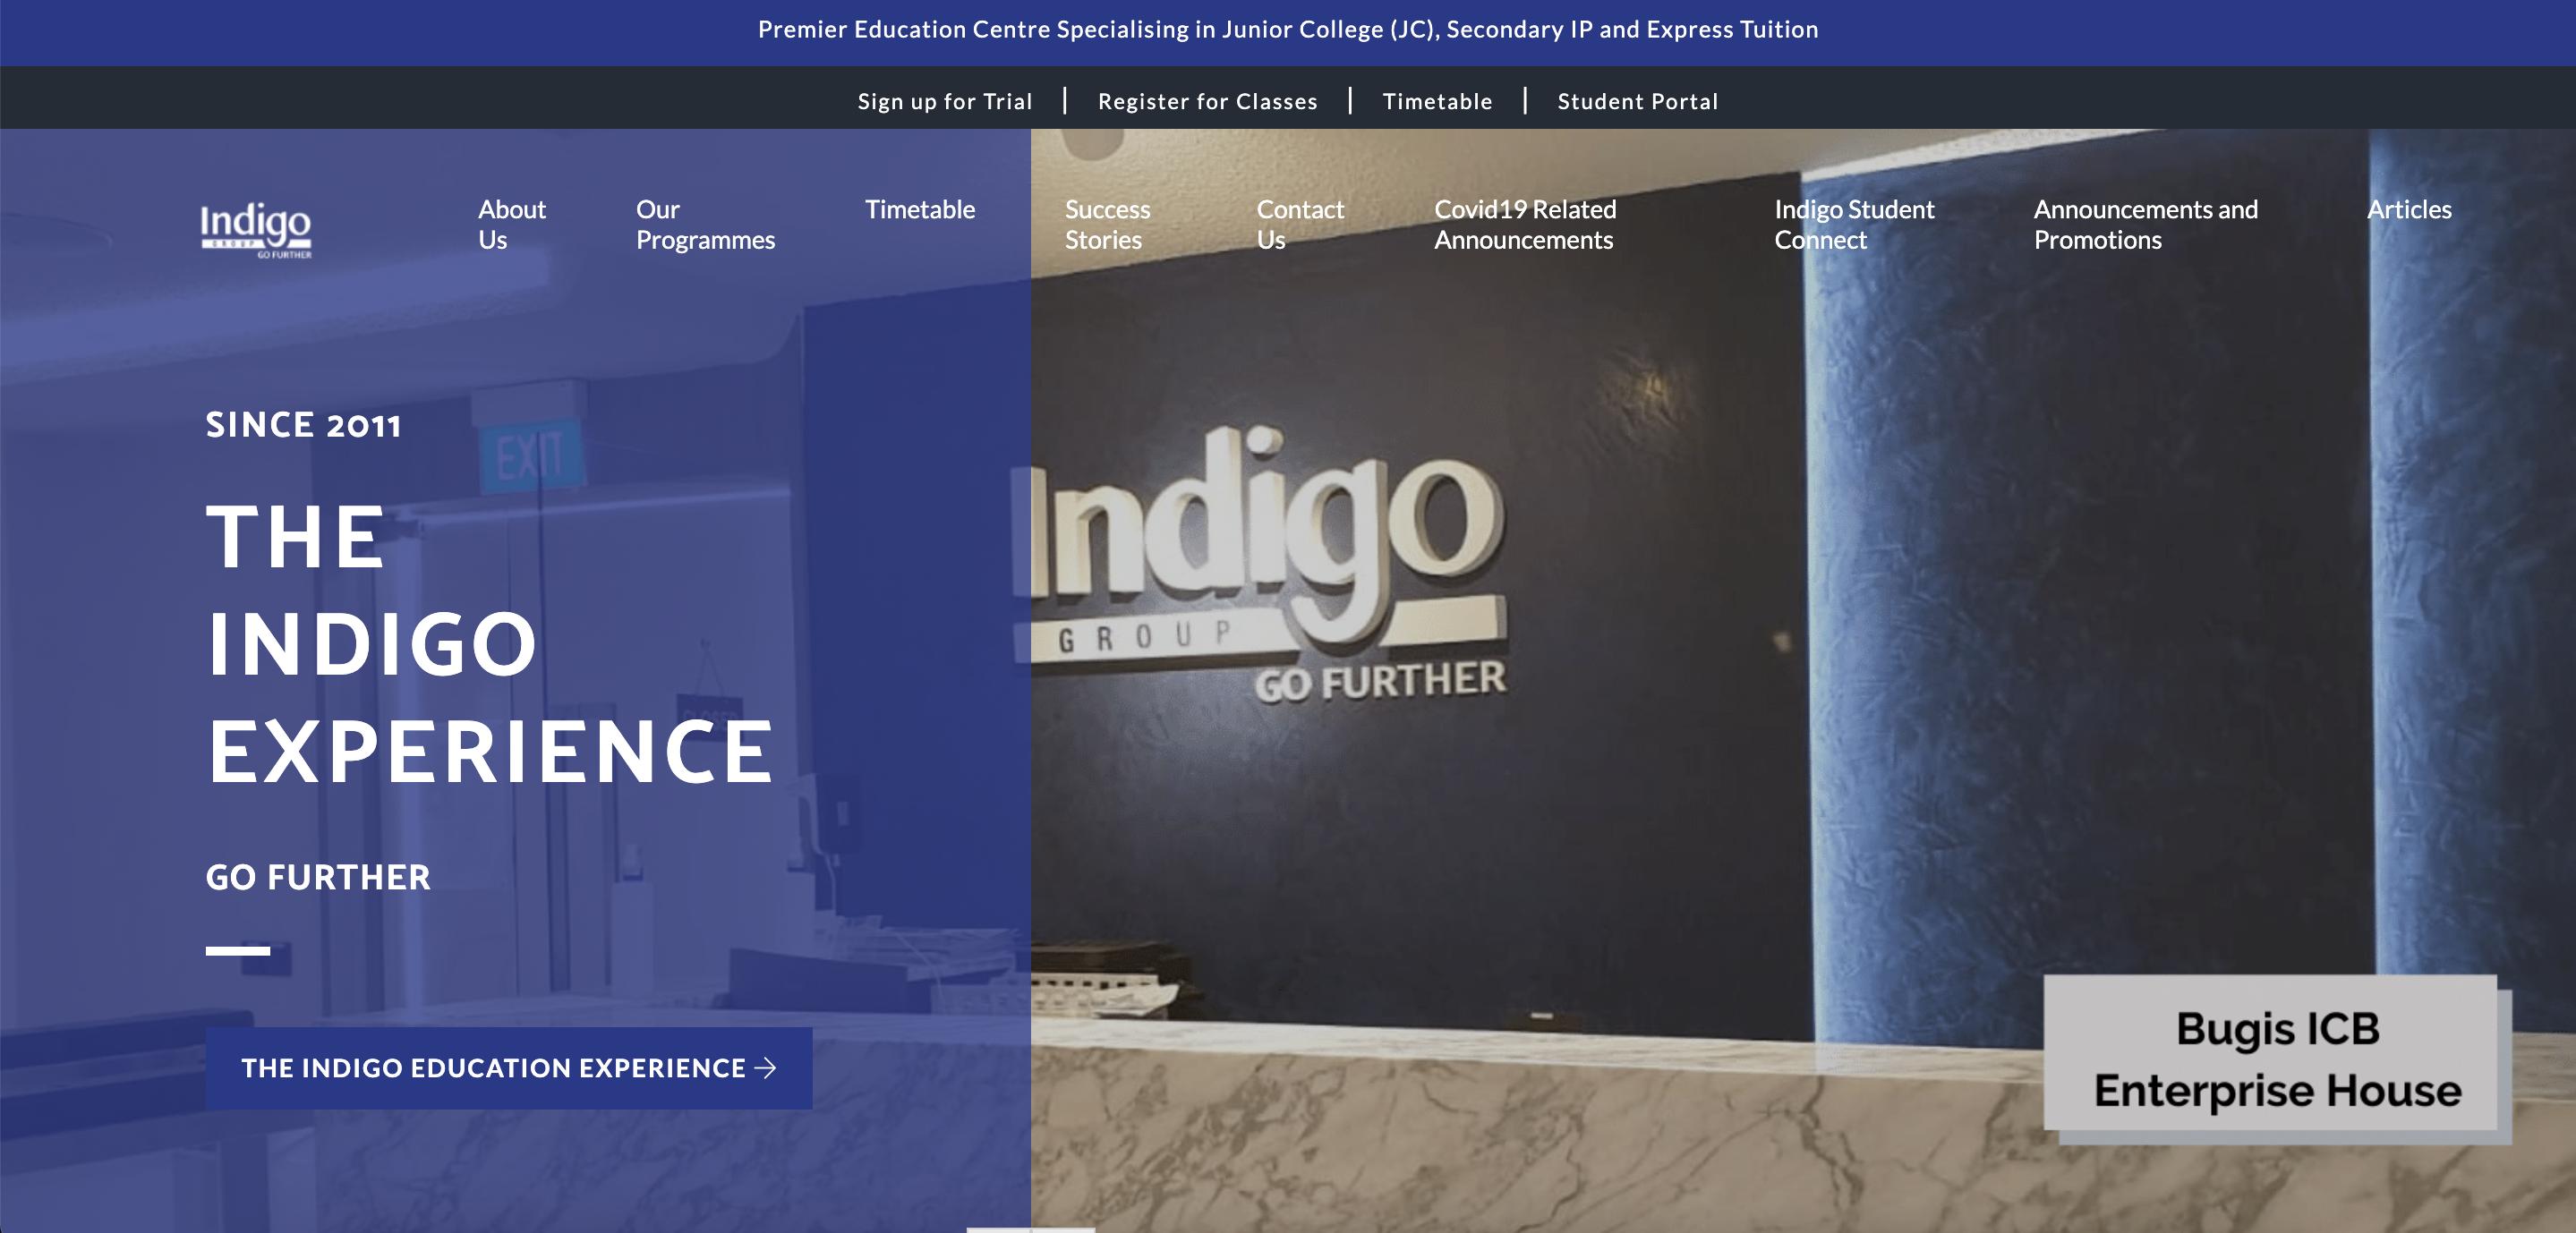 Indigo Group Economics Tuition